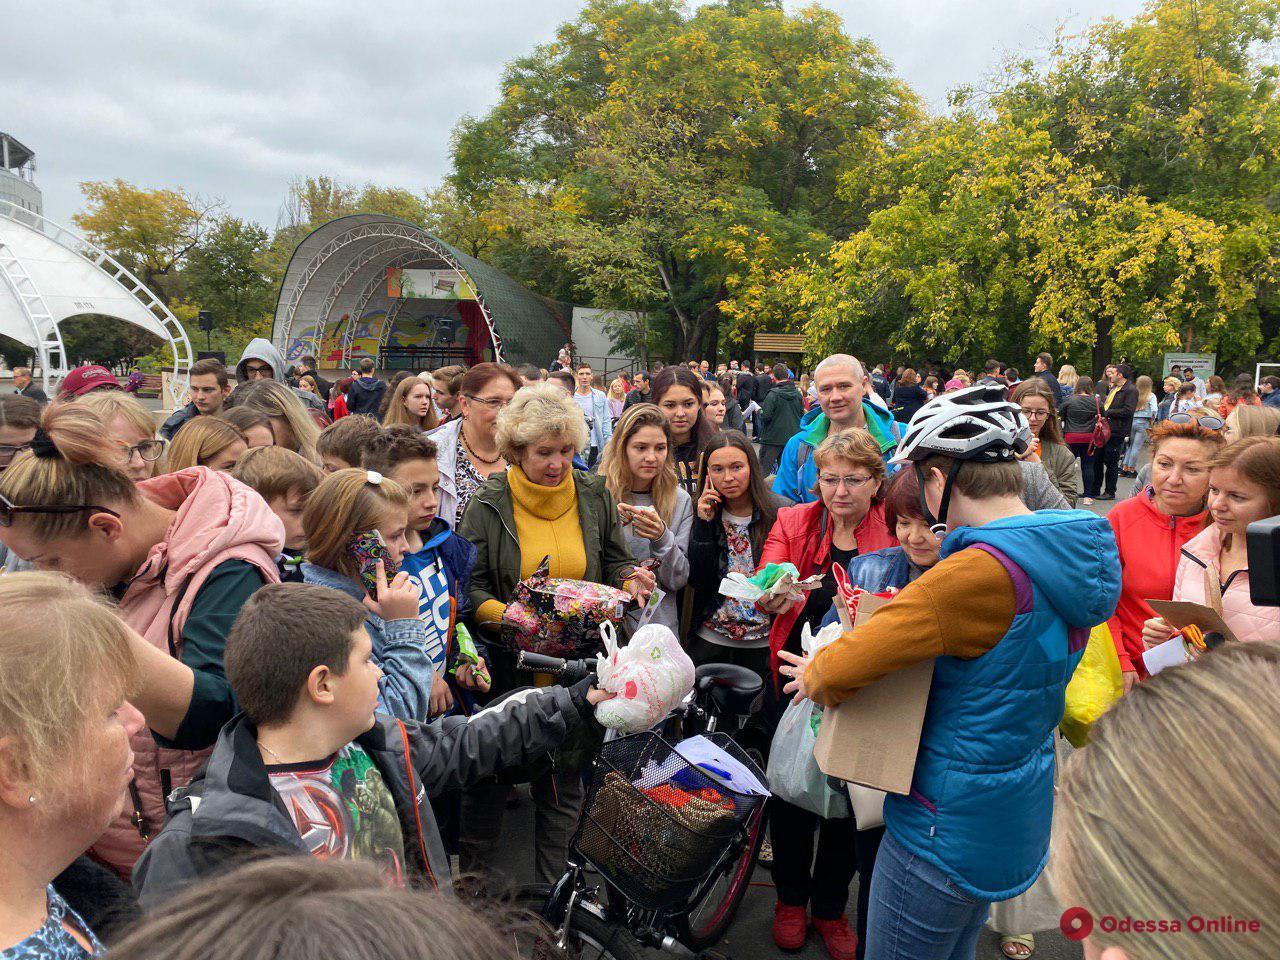 В парке Шевченко одесситы высаживали деревья и избавлялись от пластика (фото)